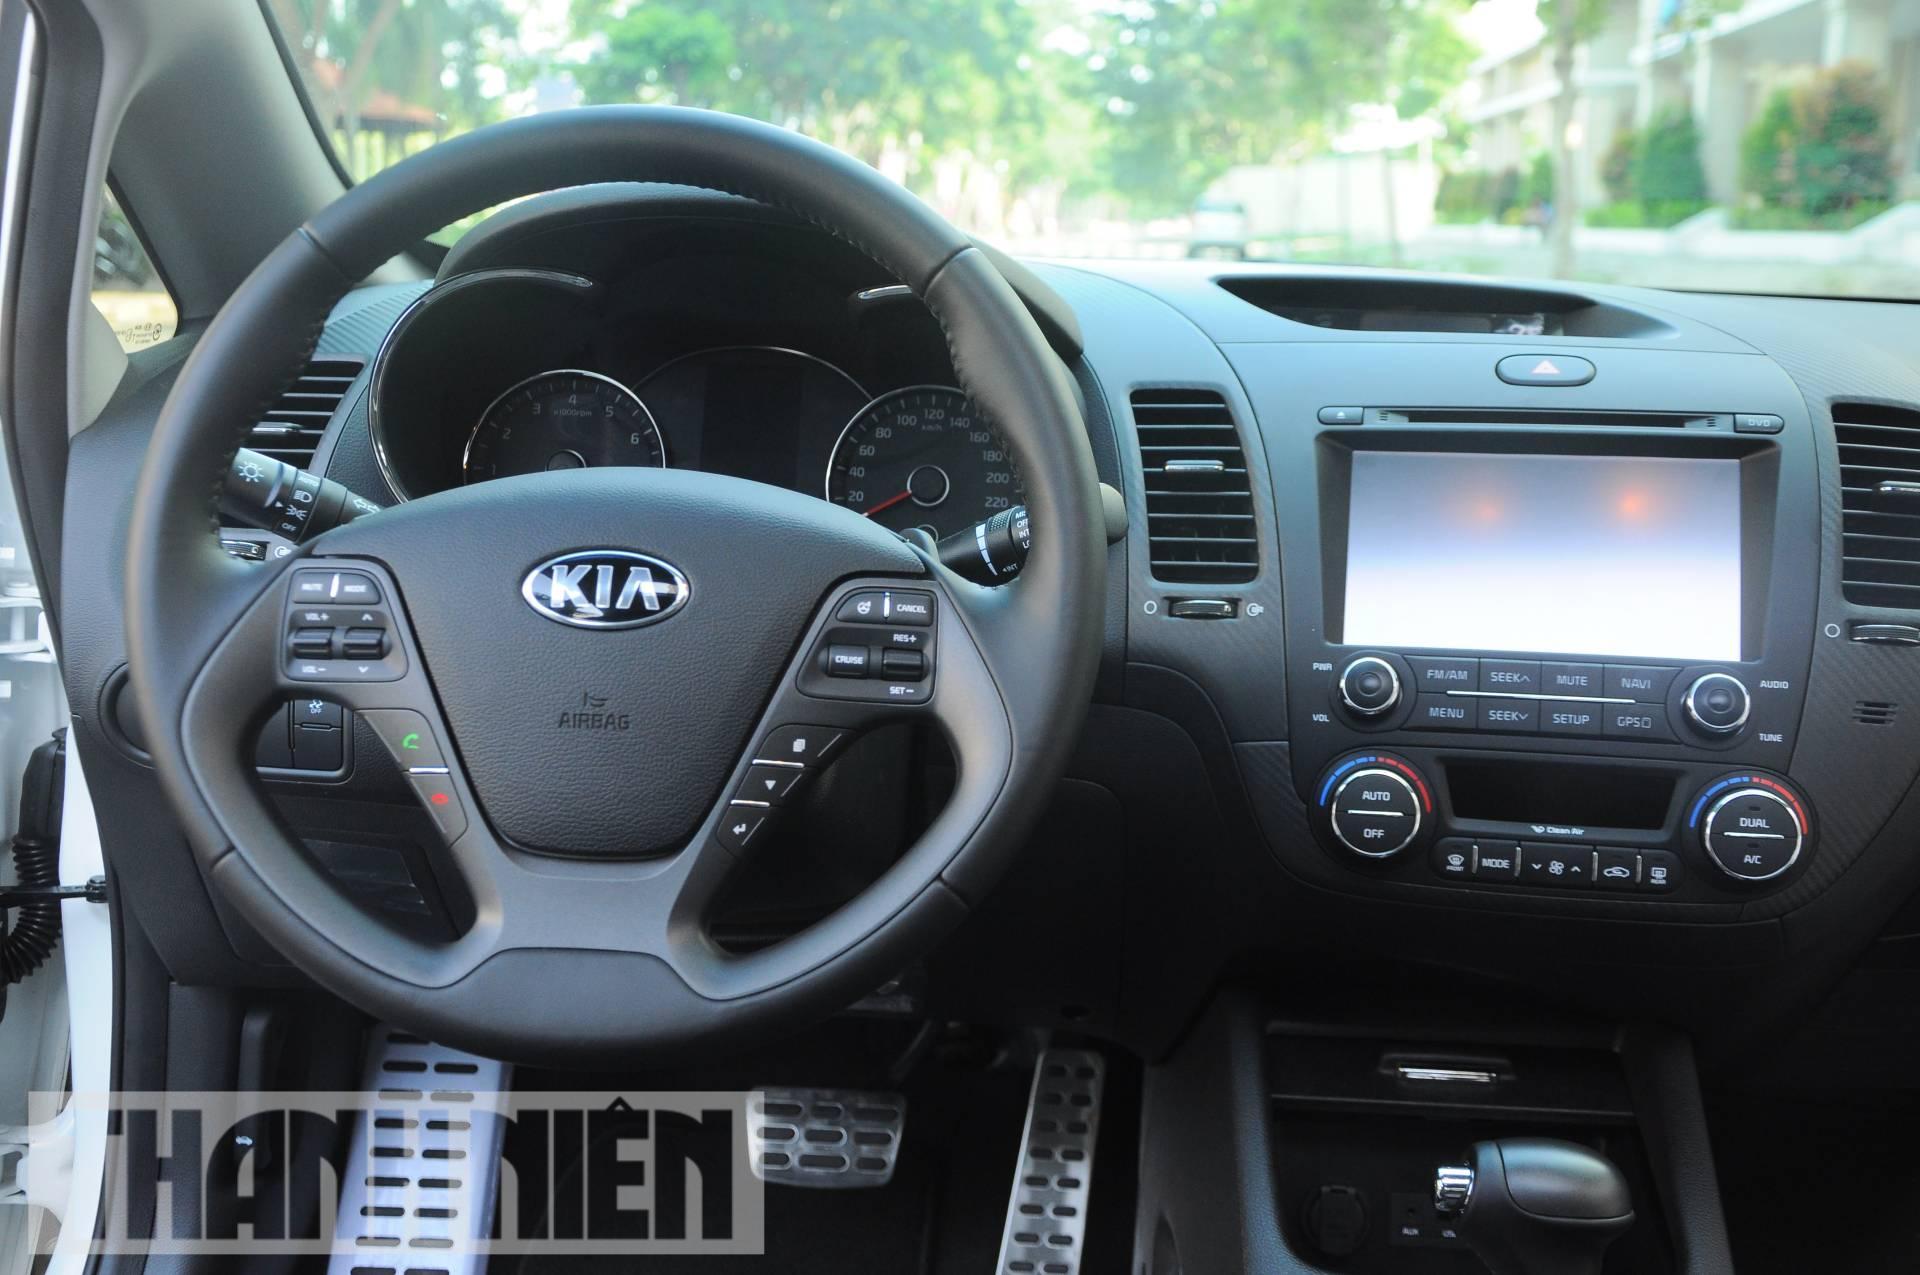 Chi tiết Kia K3 Premium giá 659 triệu đồng - ảnh 21